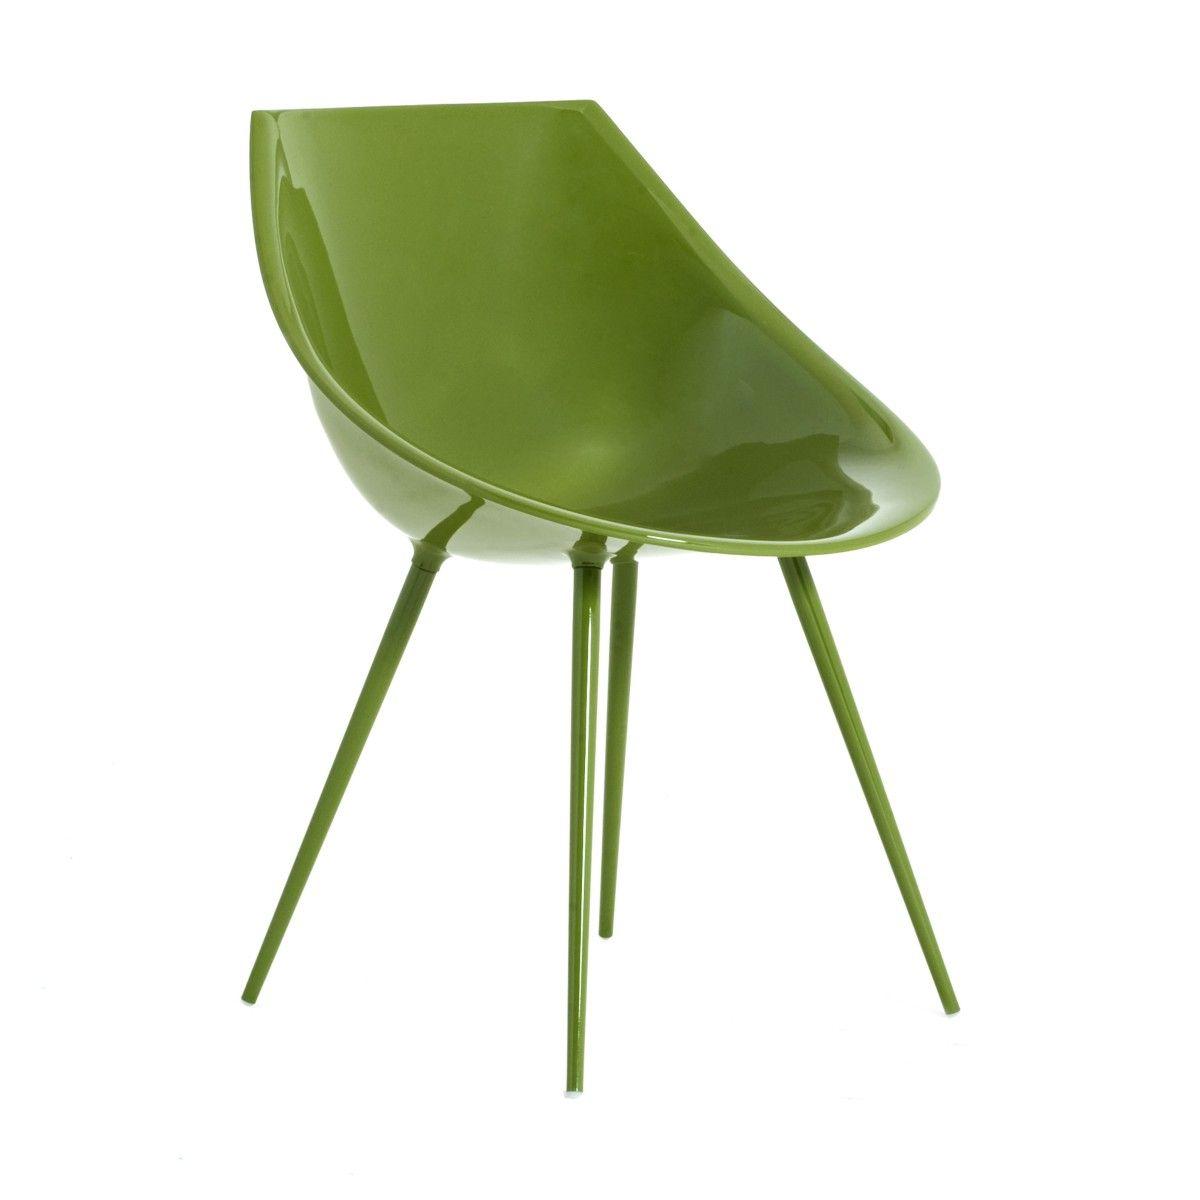 Sedia Lagò verde design di Philippe Starck | DRIADE | Sedie ...